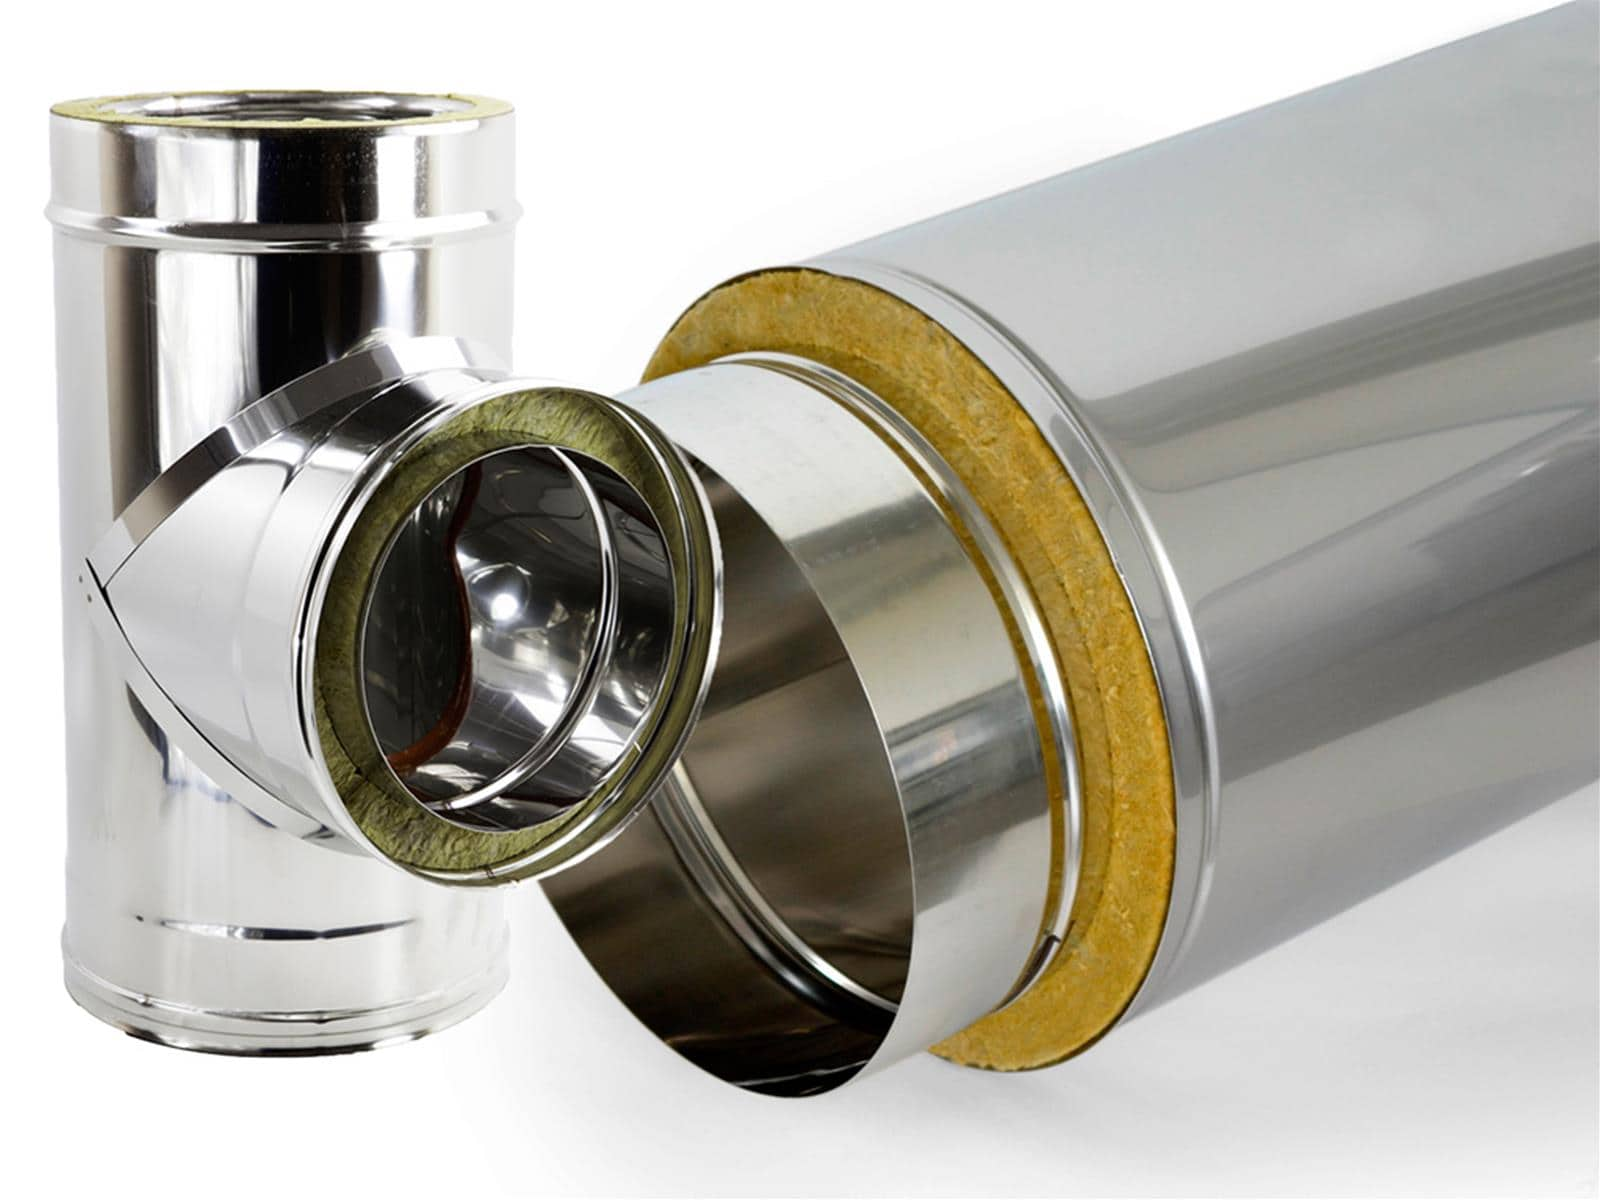 Tubi acciaio inox aisi 304 prezzi idee di design per la casa - Tubi per stufe a legna prezzi ...